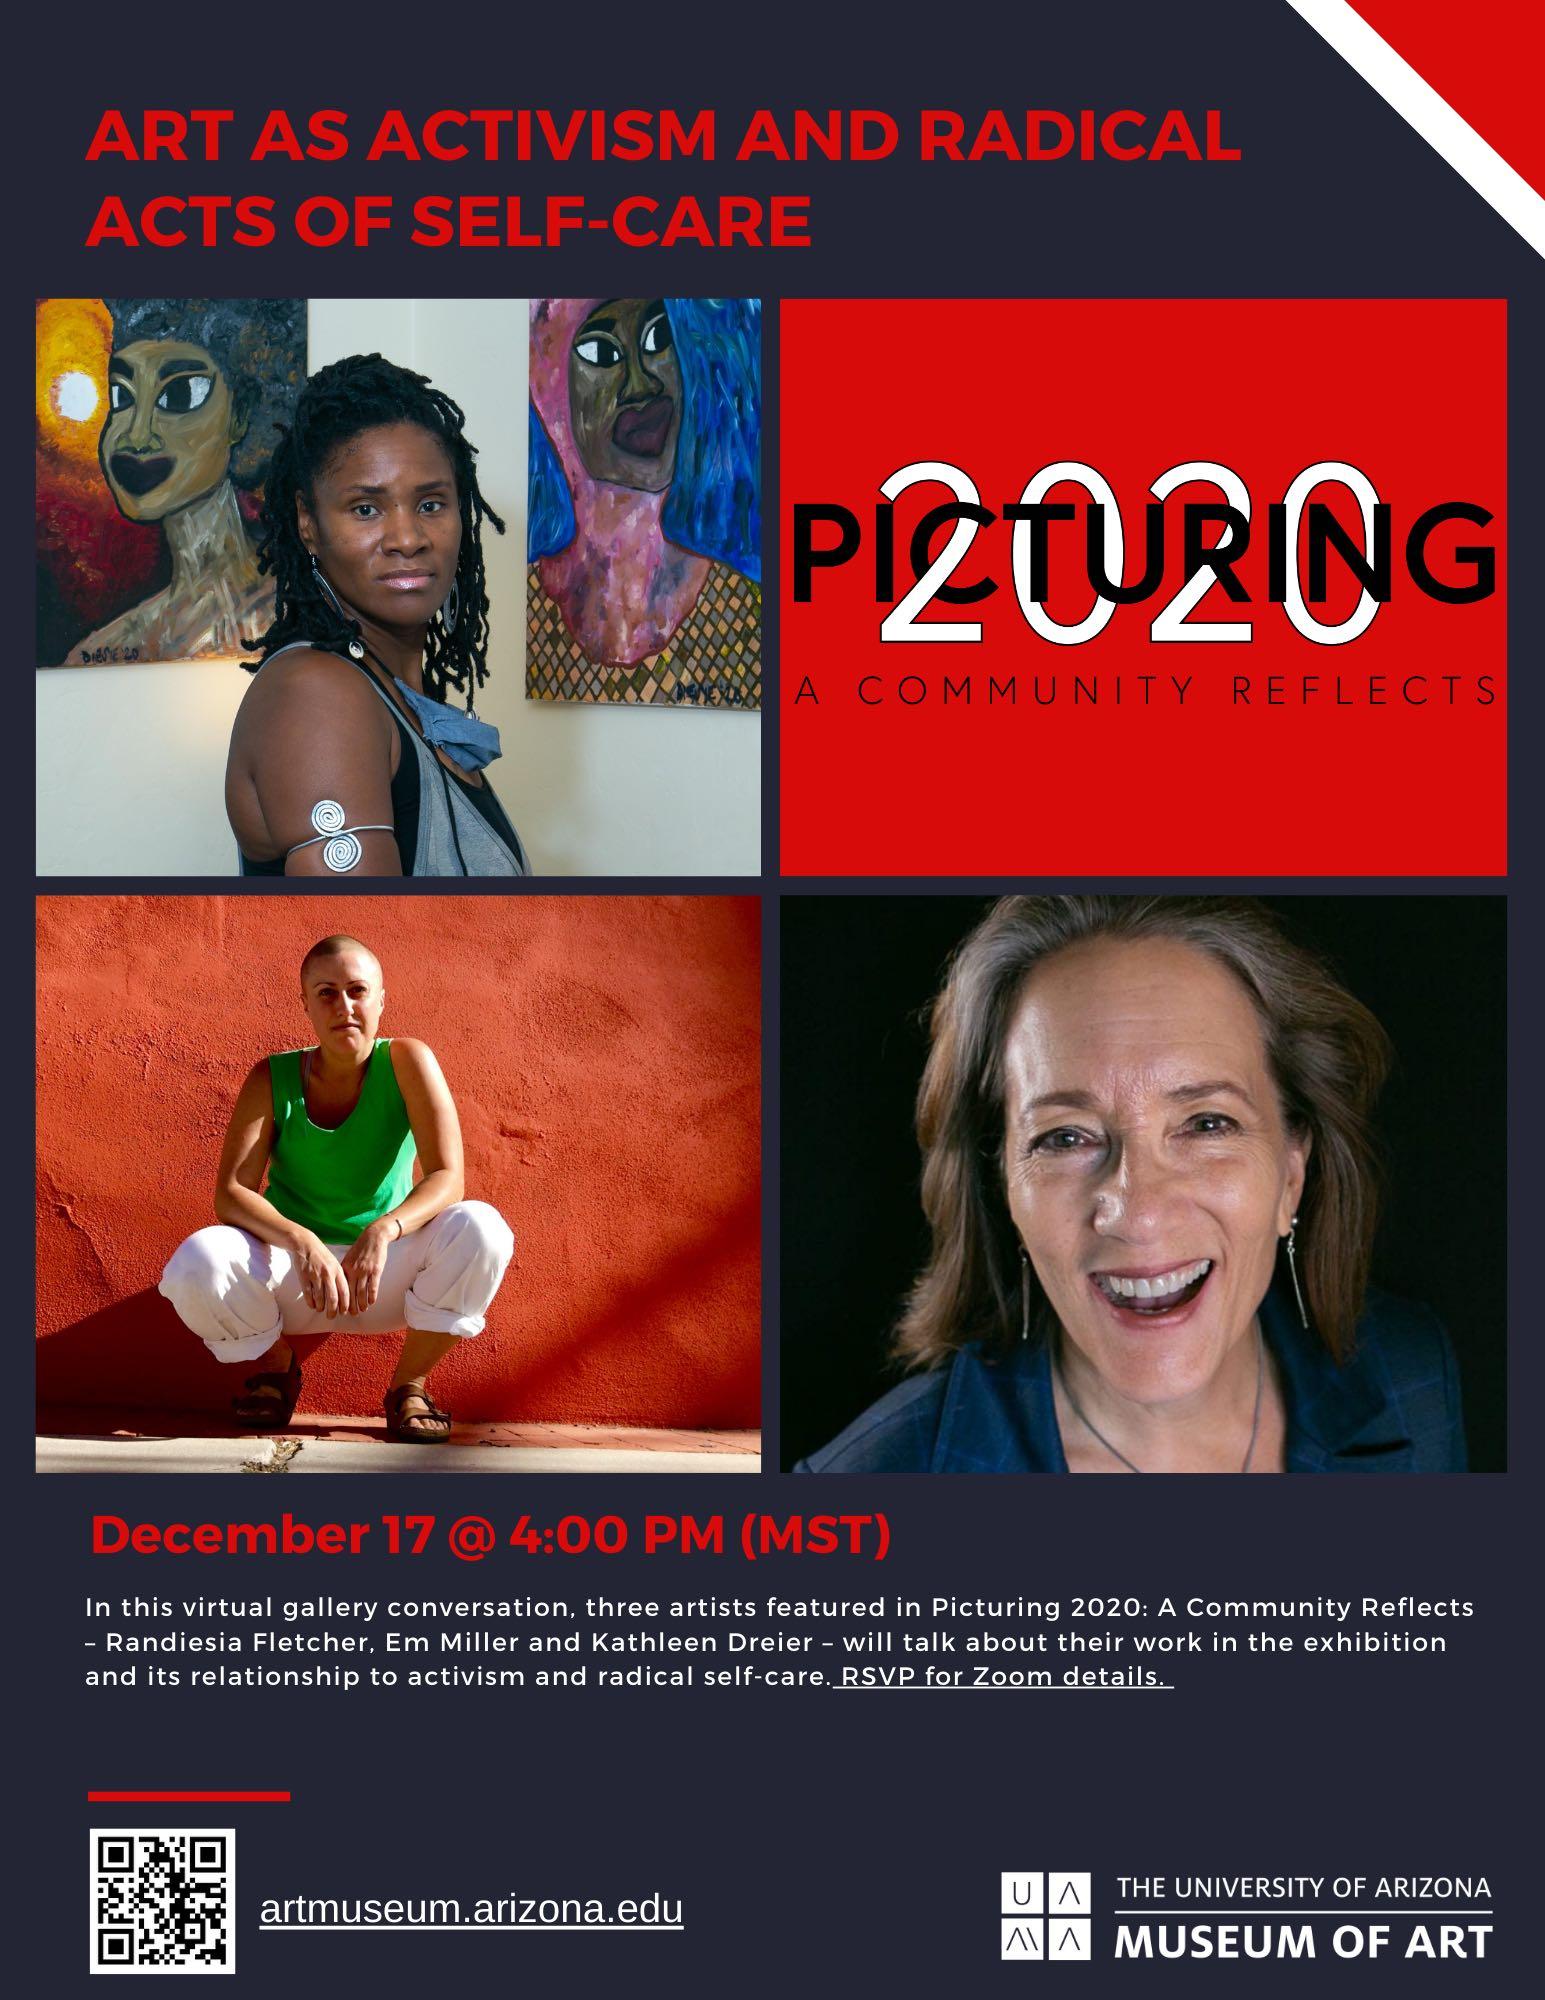 Kathleen will be on art panel, 12/17/2020